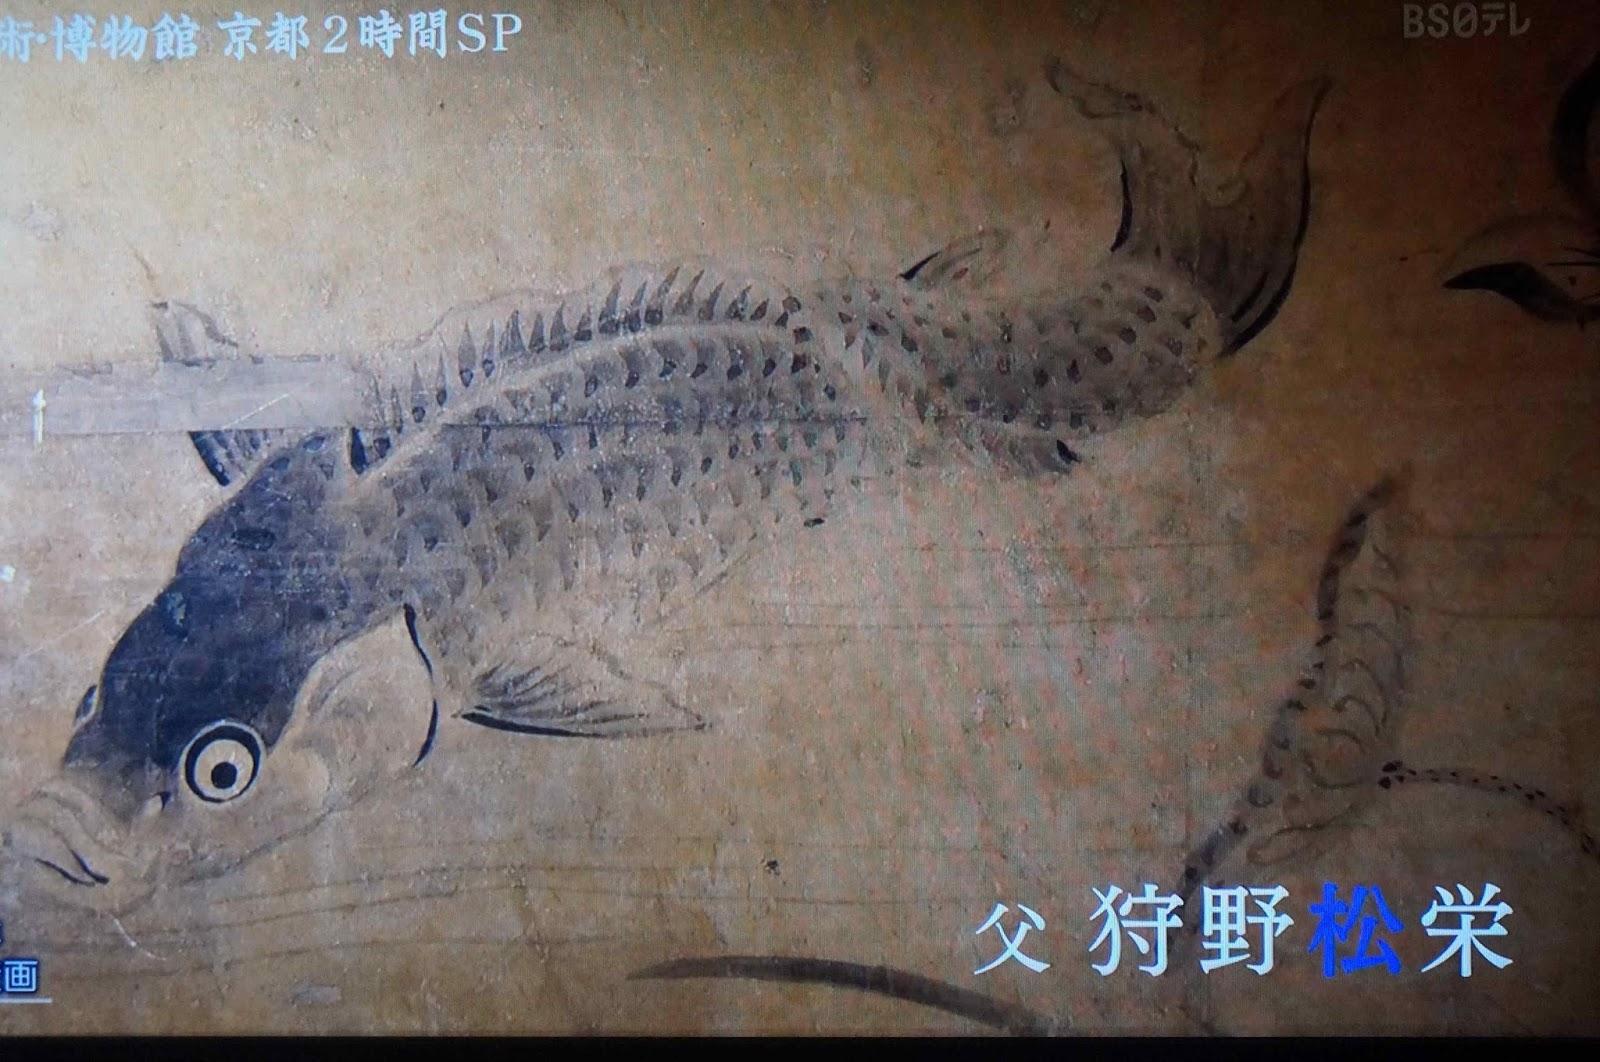 狩野松栄の画像 p1_32